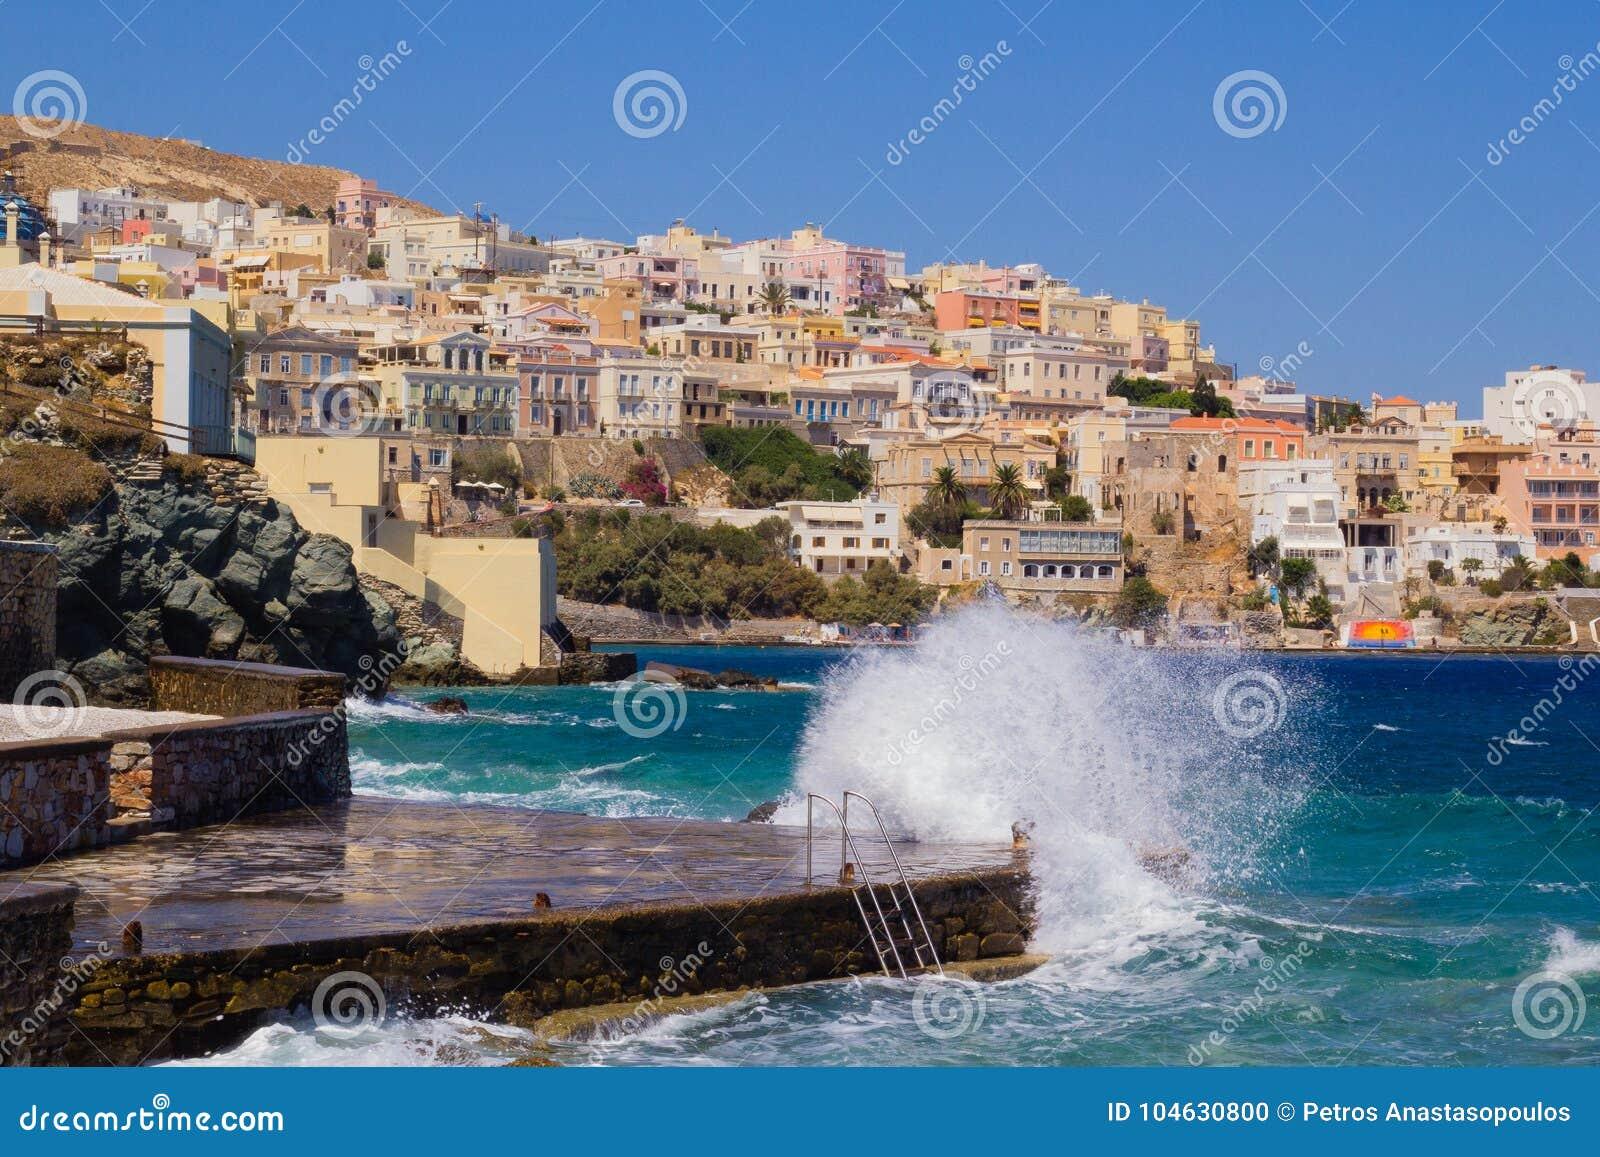 Download Het Eiland van Syros stock foto. Afbeelding bestaande uit mening - 104630800